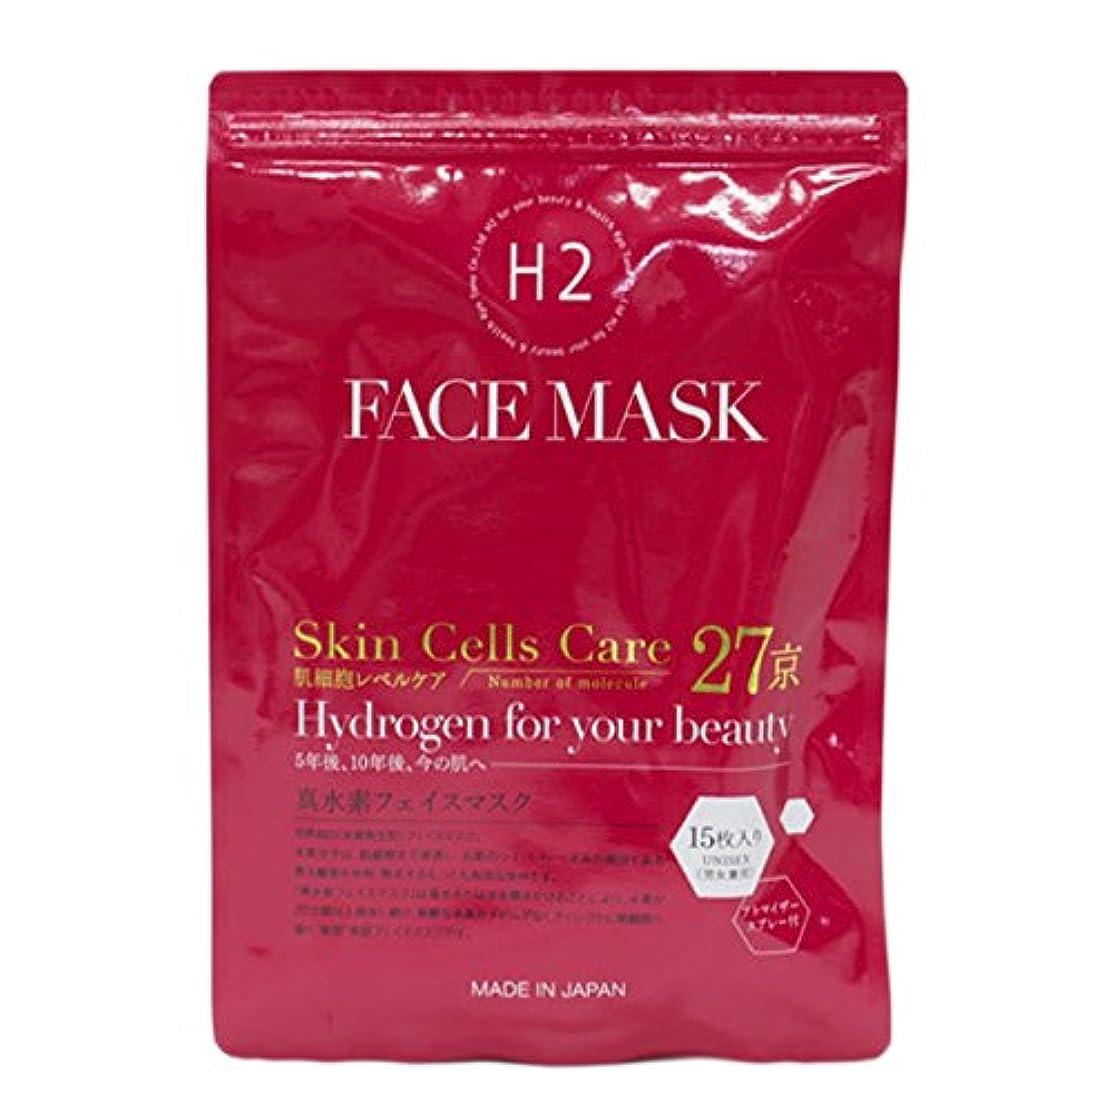 グリーンランド刺激する研究所Kyotomo 真水素フェイスマスク 15枚